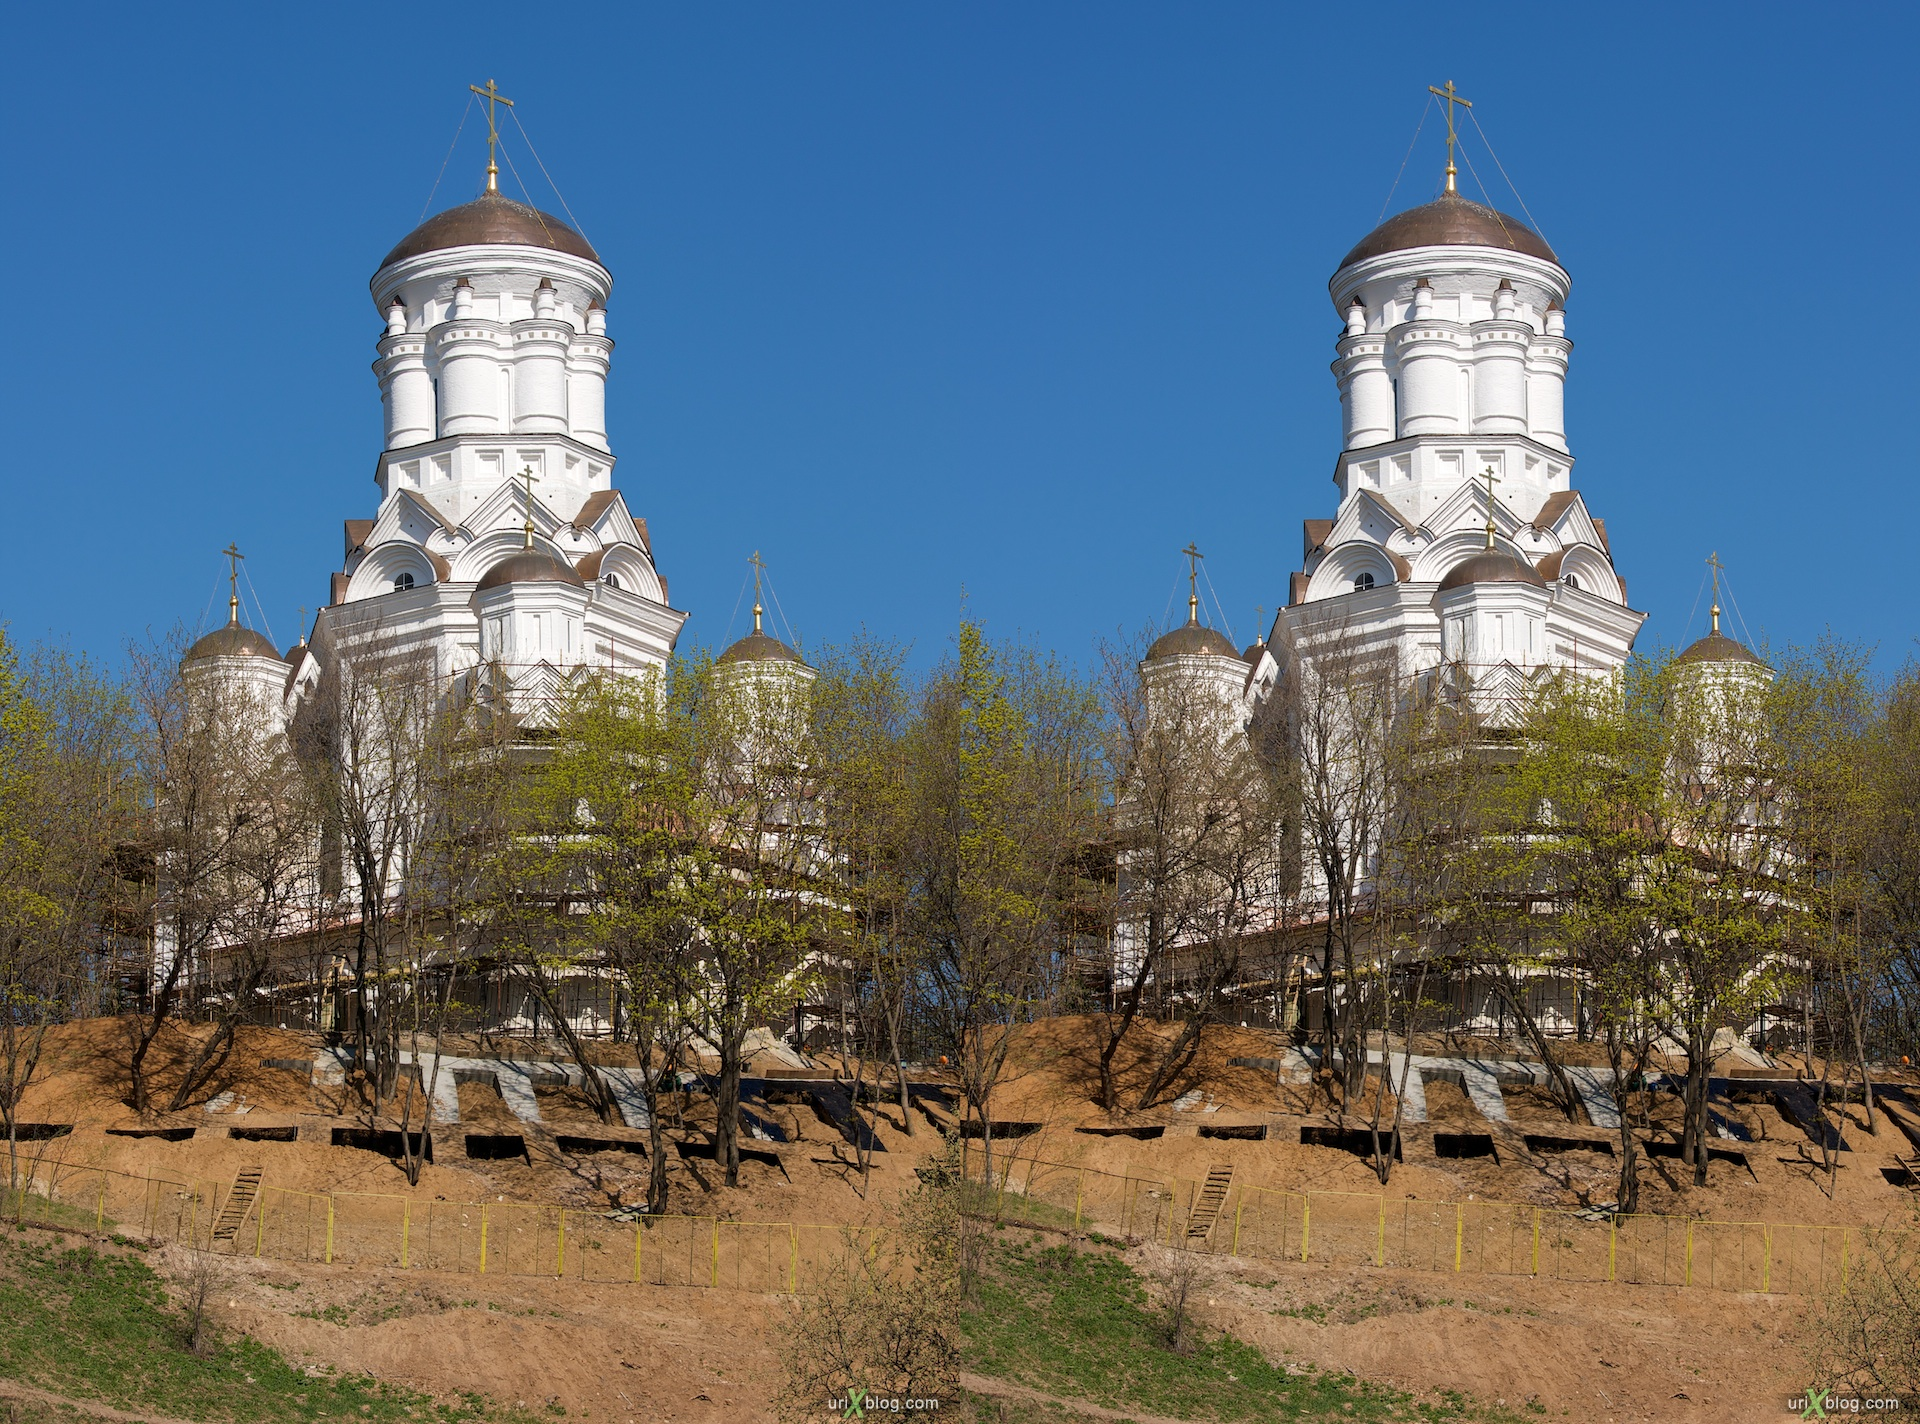 2009 Коломенское Москва парк природа деревья церковь 3D, stereo, cross-eyed, стерео, стереопара церковь